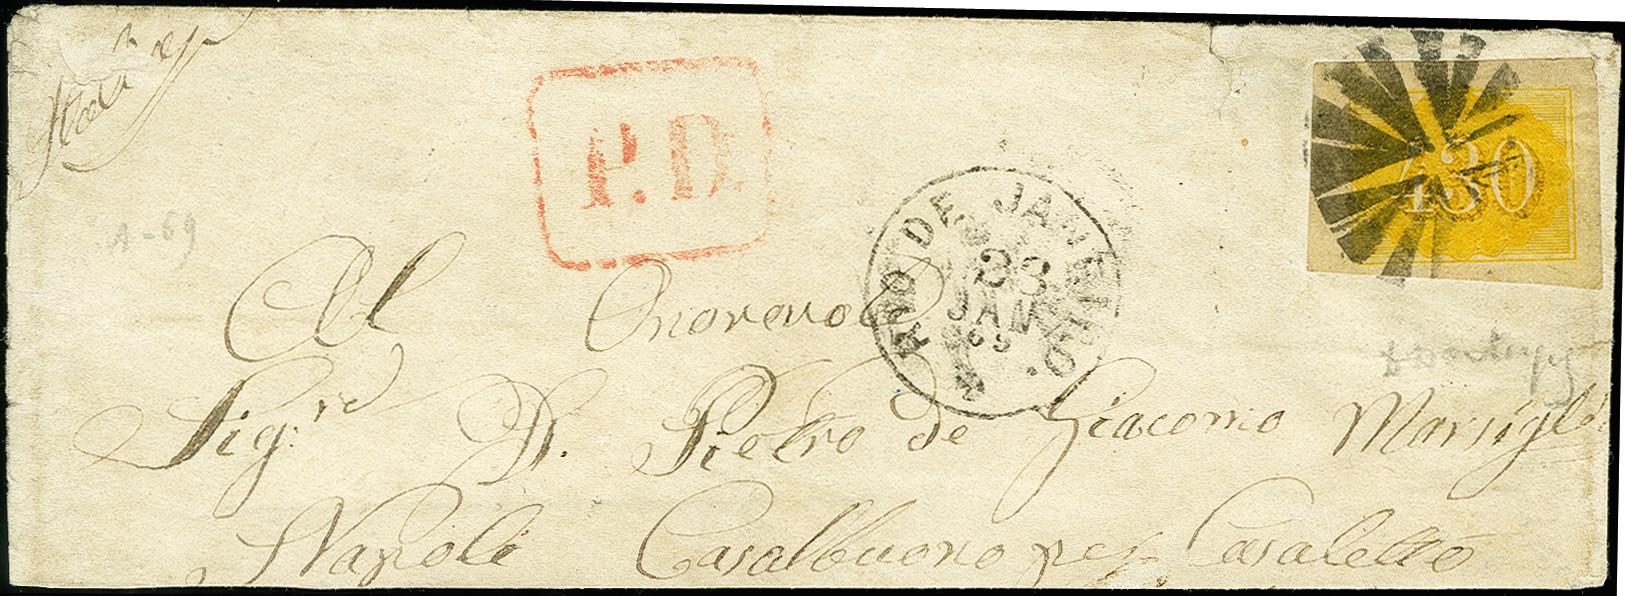 Lot 1550 - übersee brazil -  Heinrich Koehler Auktionen 375rd Heinrich Köhler auction - Day 1